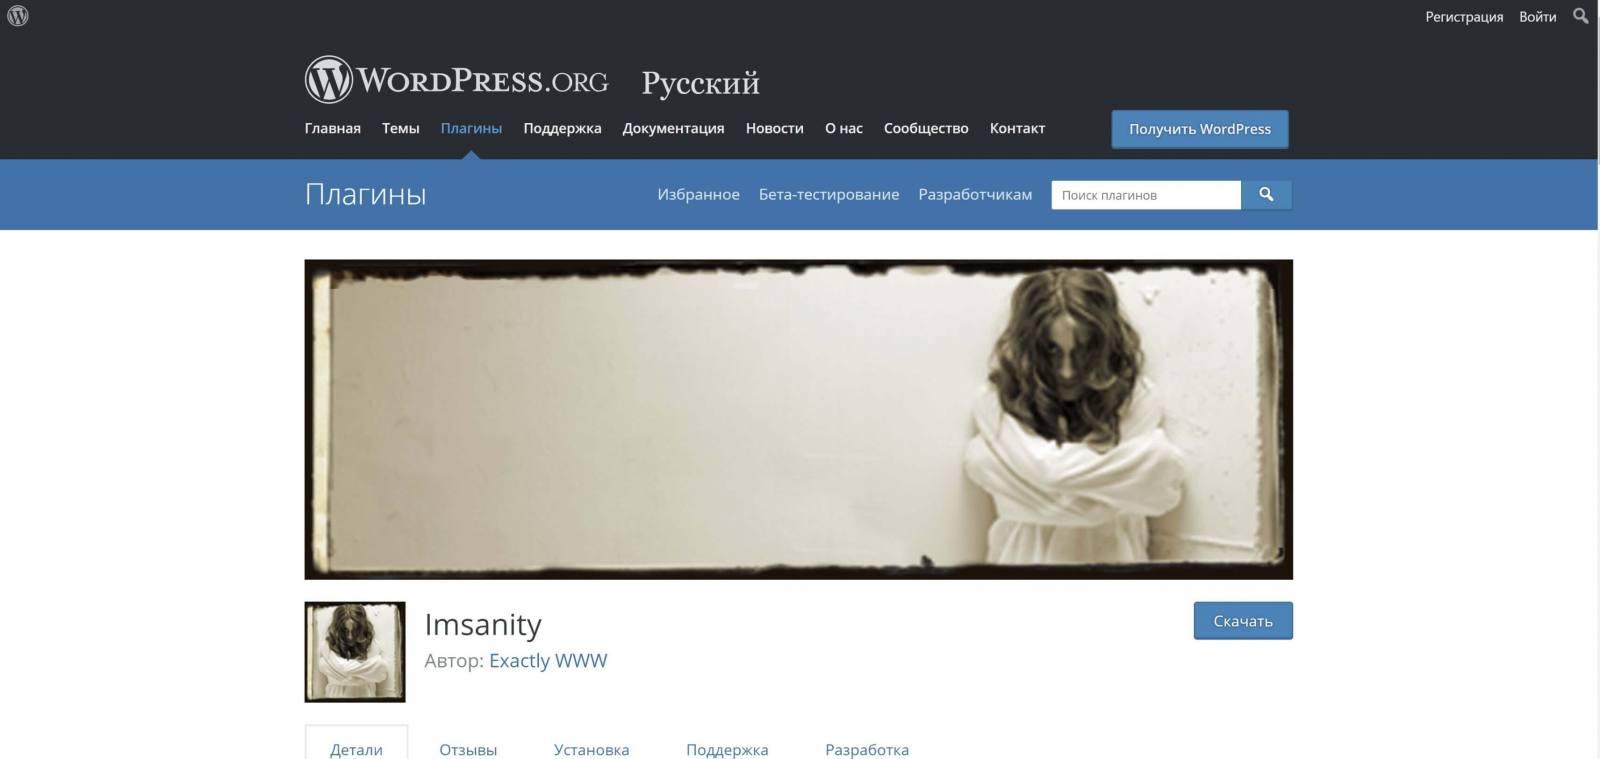 imsanity-blog